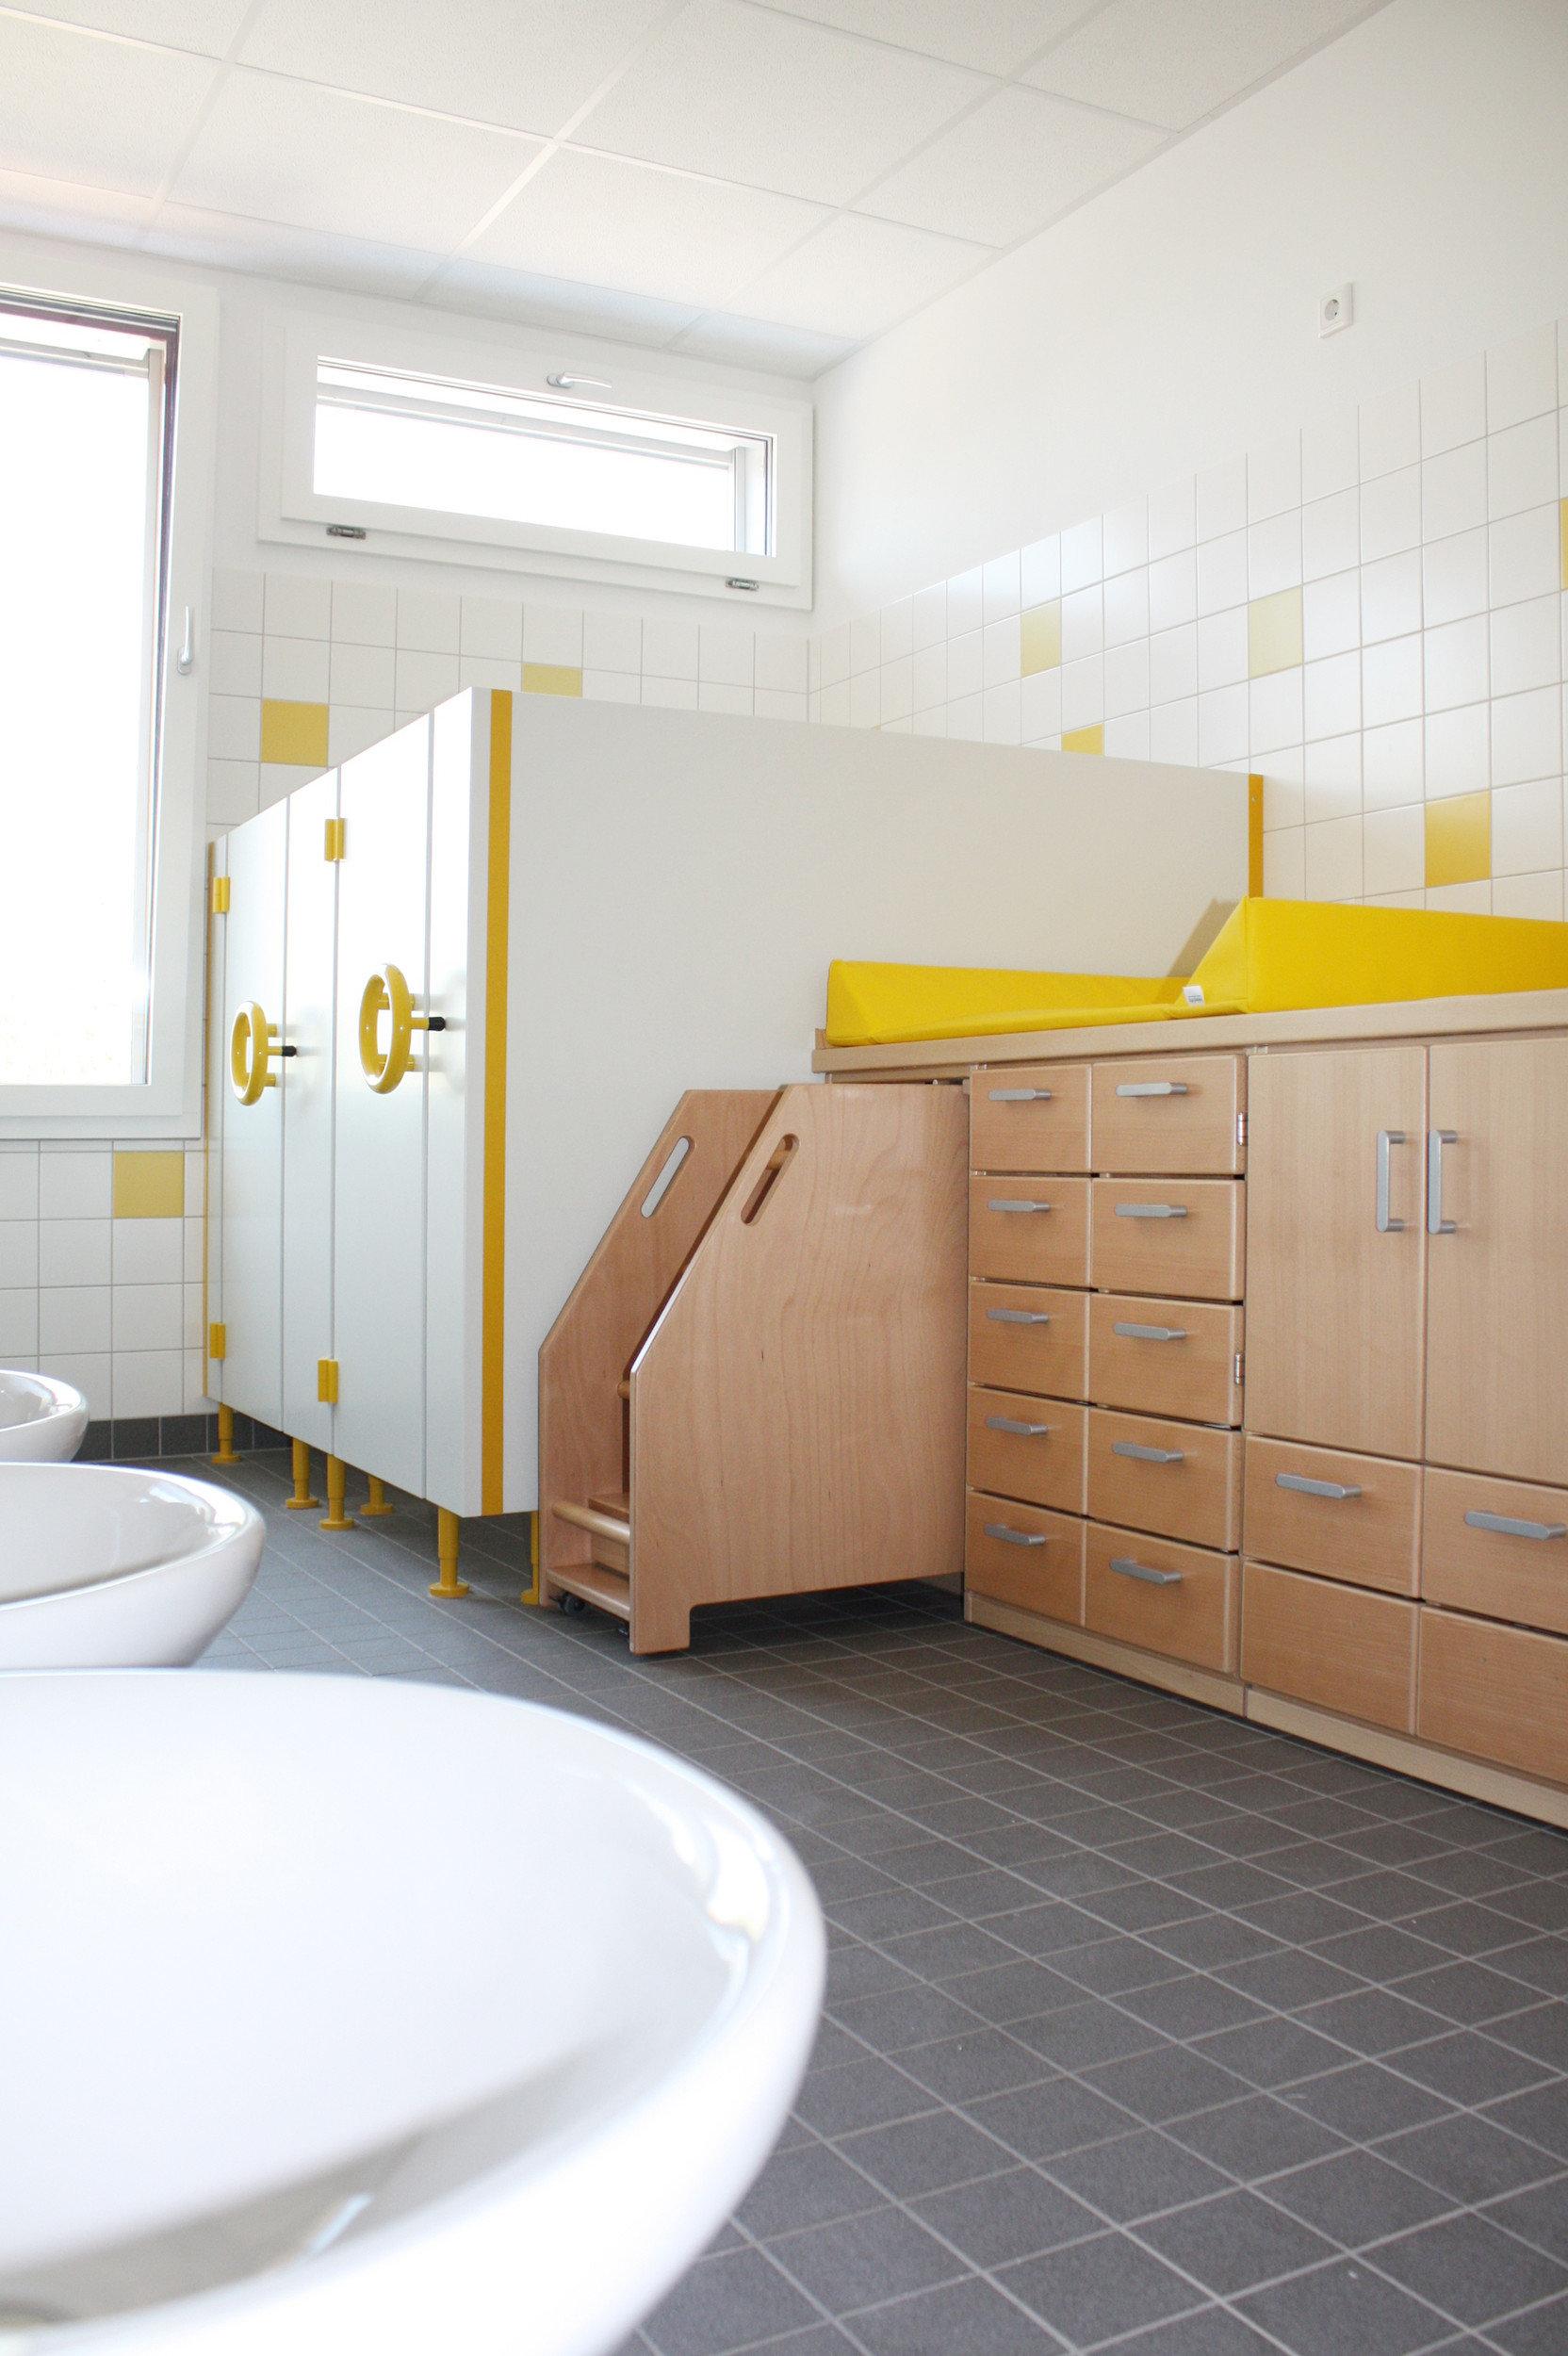 Kinderspielanlage aus Holz in lichtdurchflutetem Raum